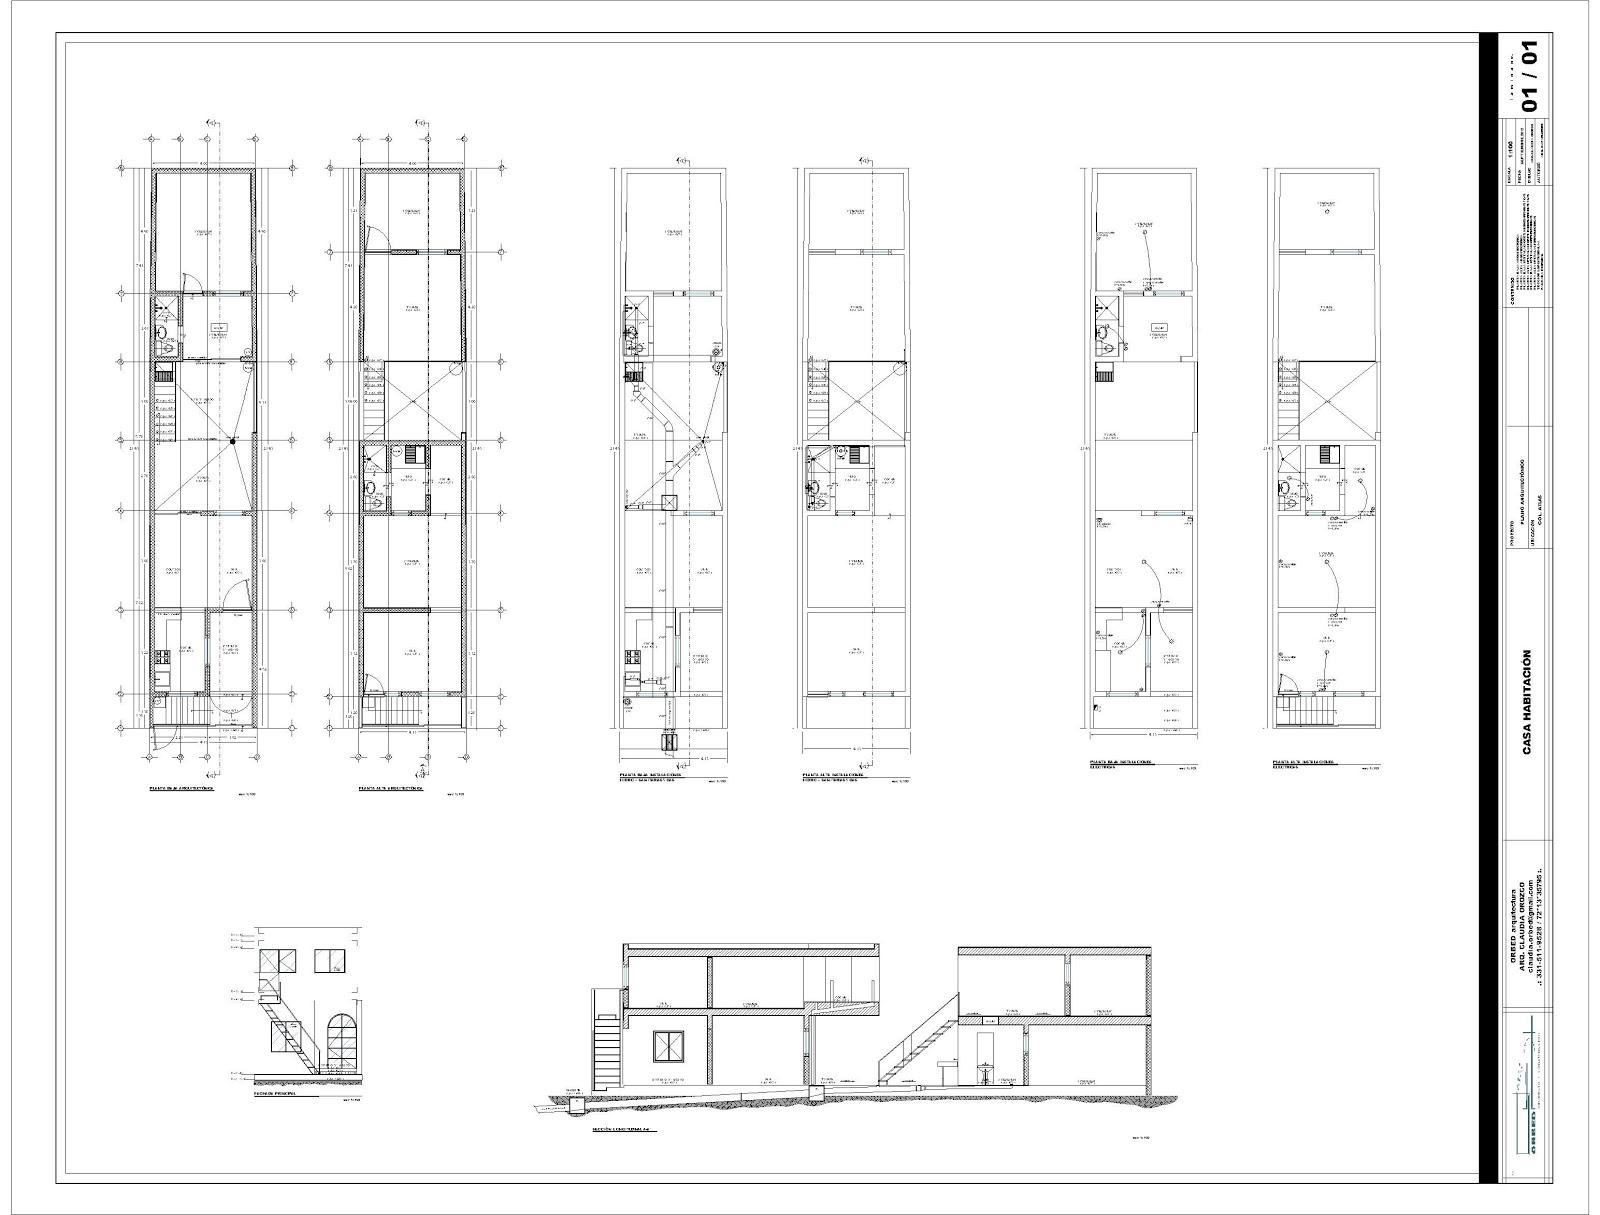 Orbed arquitectura construcci n - Permisos para construir una casa ...